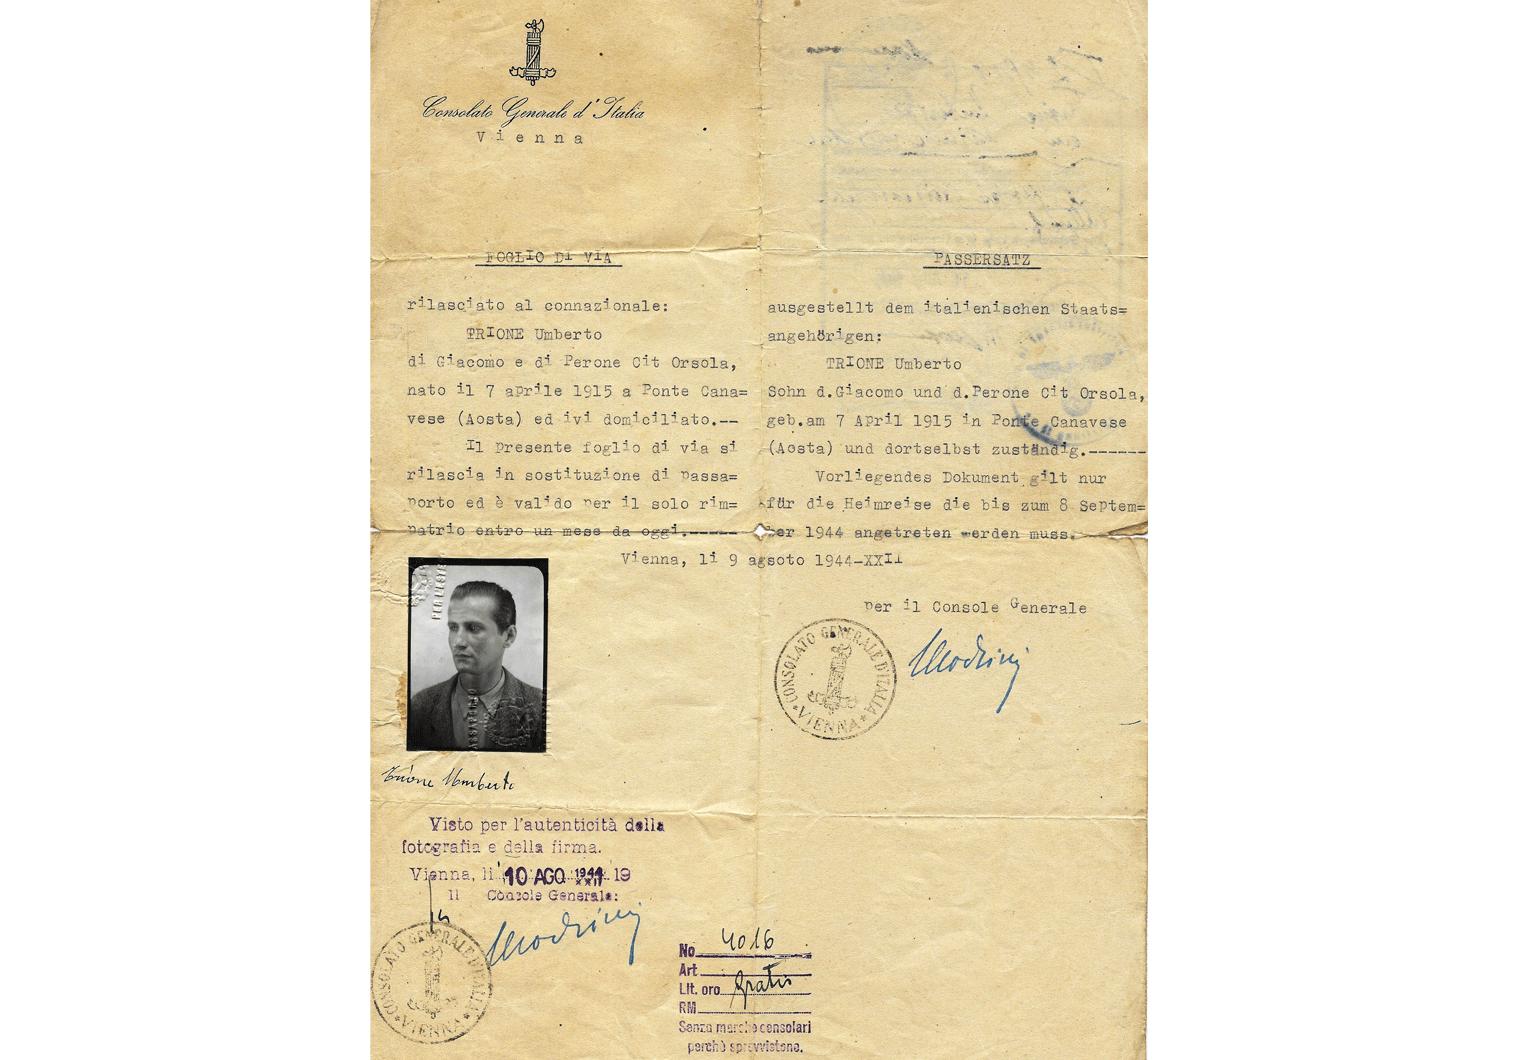 RSI consular travel document